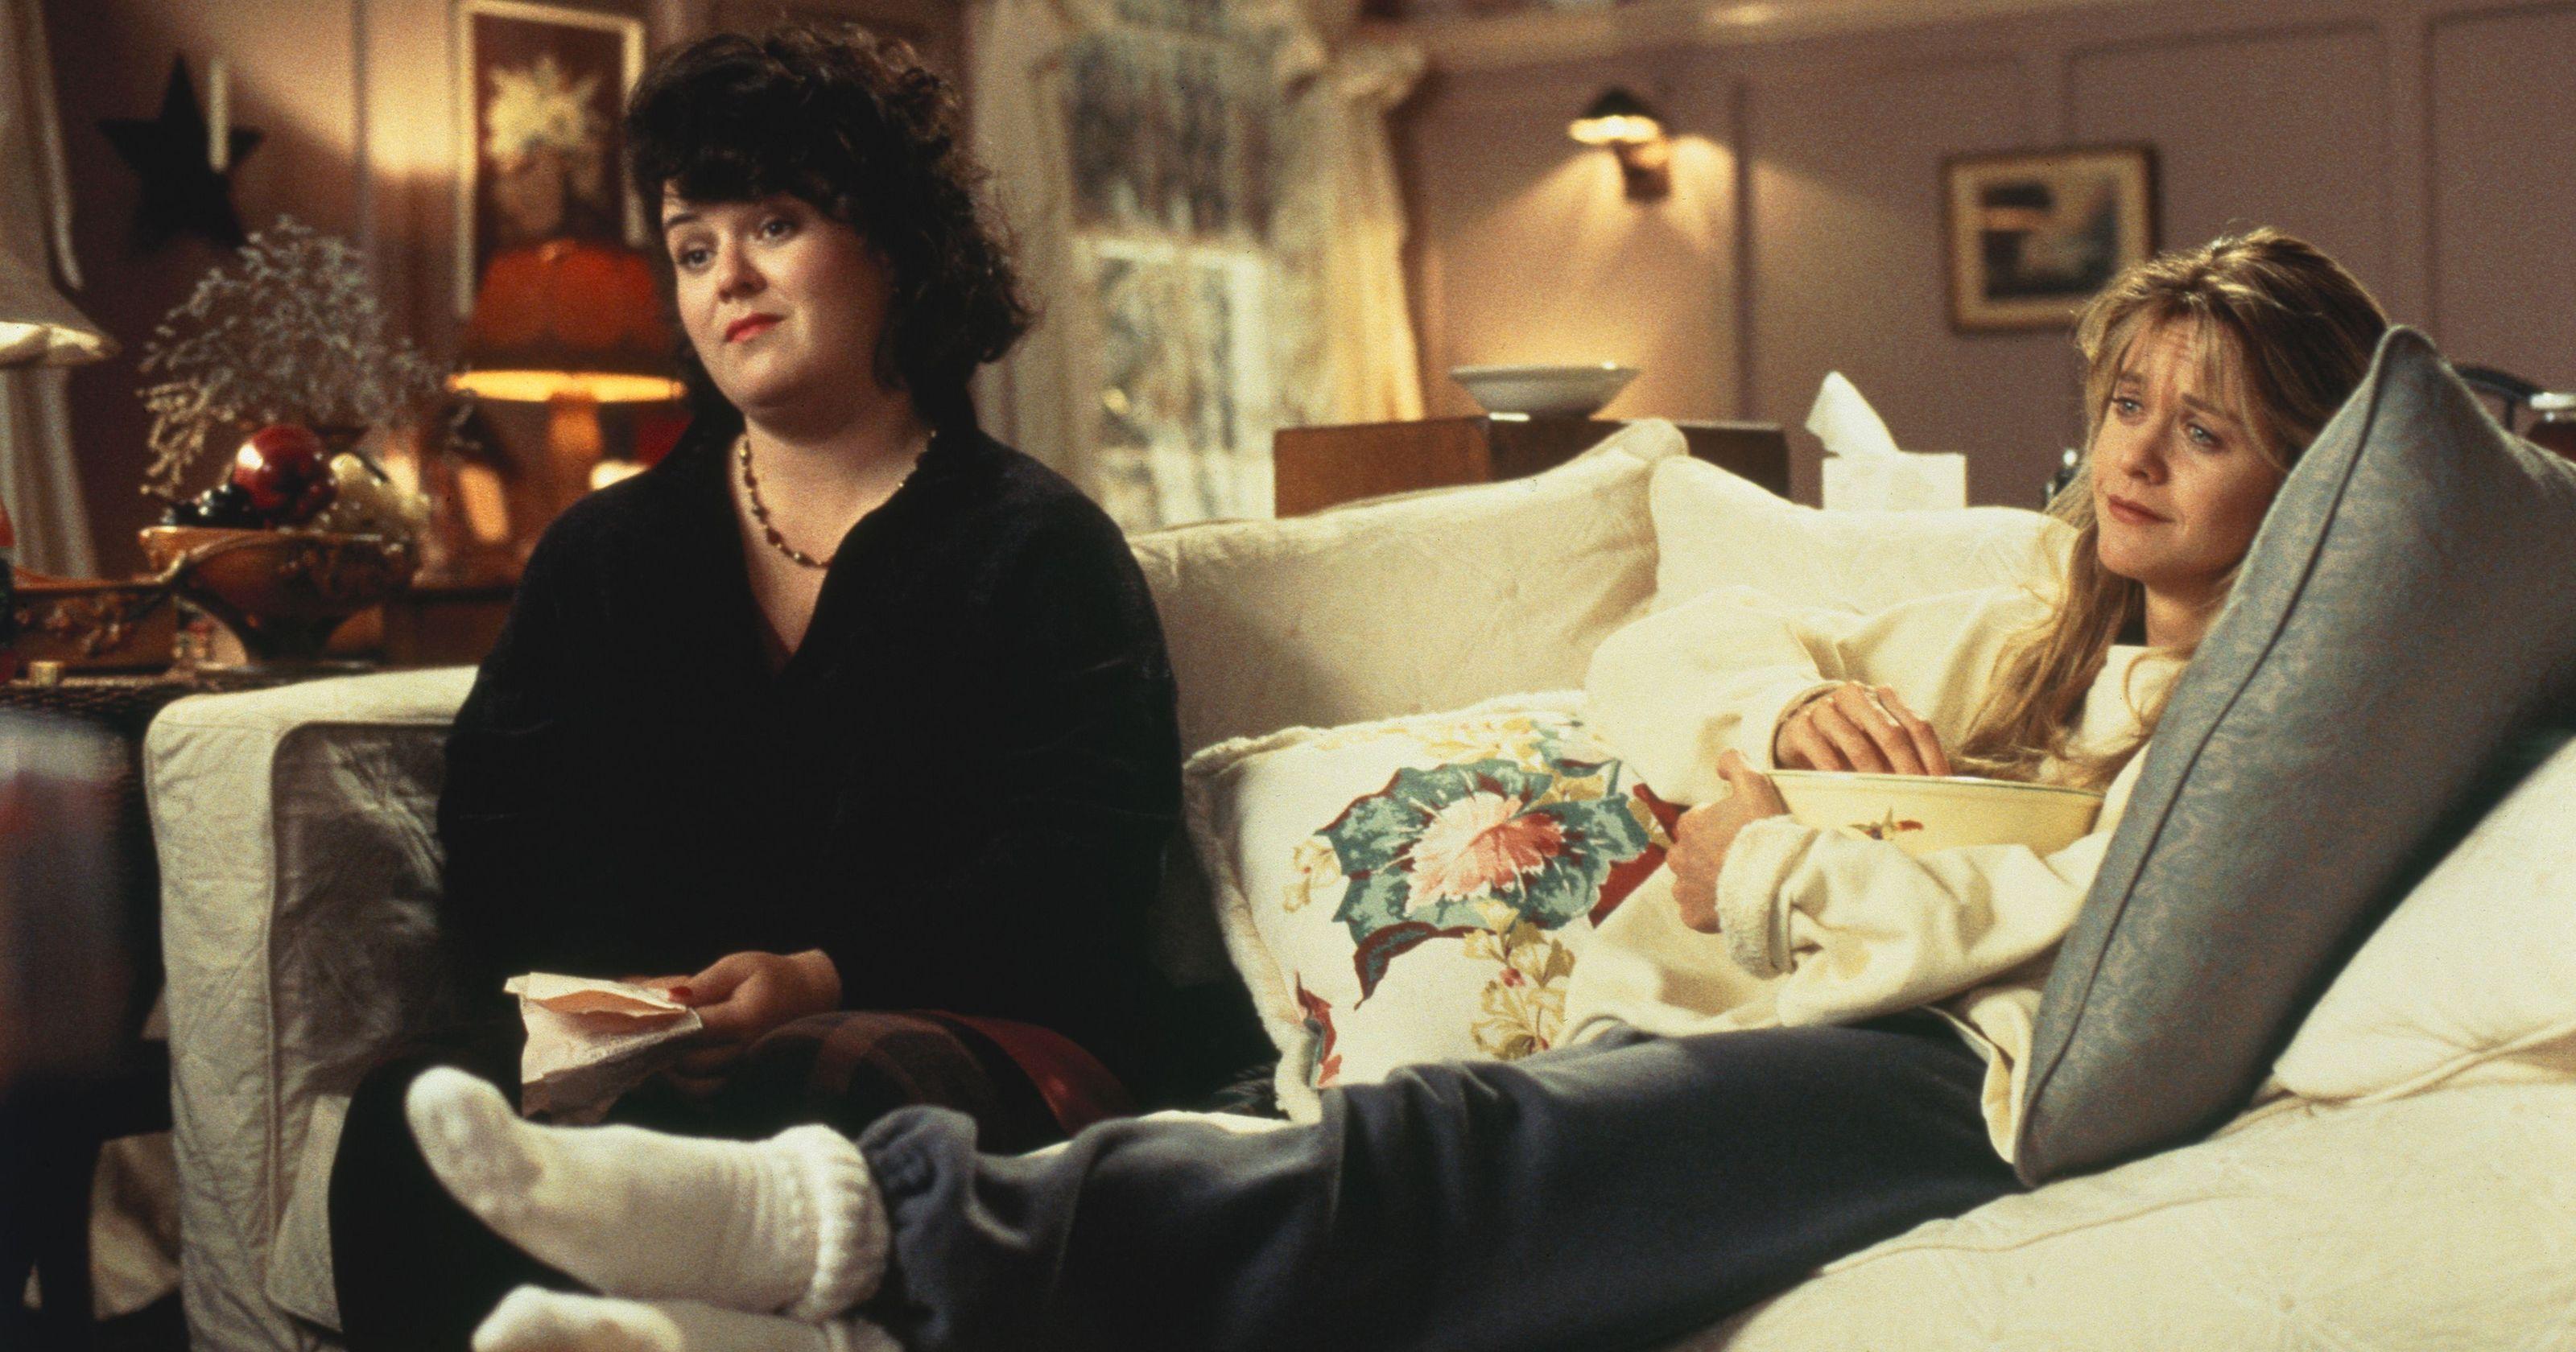 Annie ed un'amica sono sedute sul divano. Vestono abiti comodi e sembra stiano guardando un film.